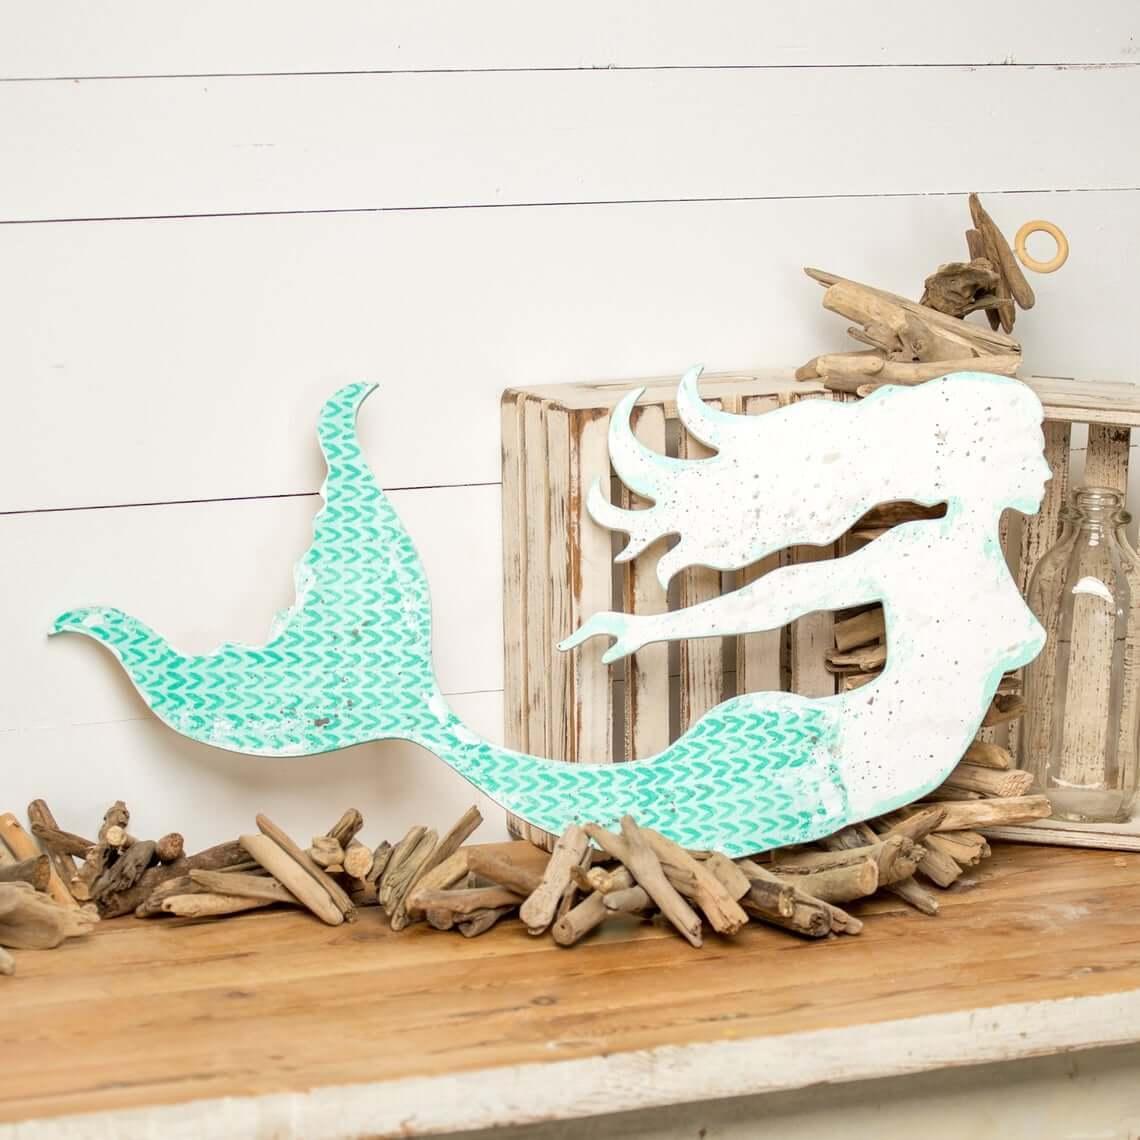 Aqueous White and Blue Mermaid Signboard Décor